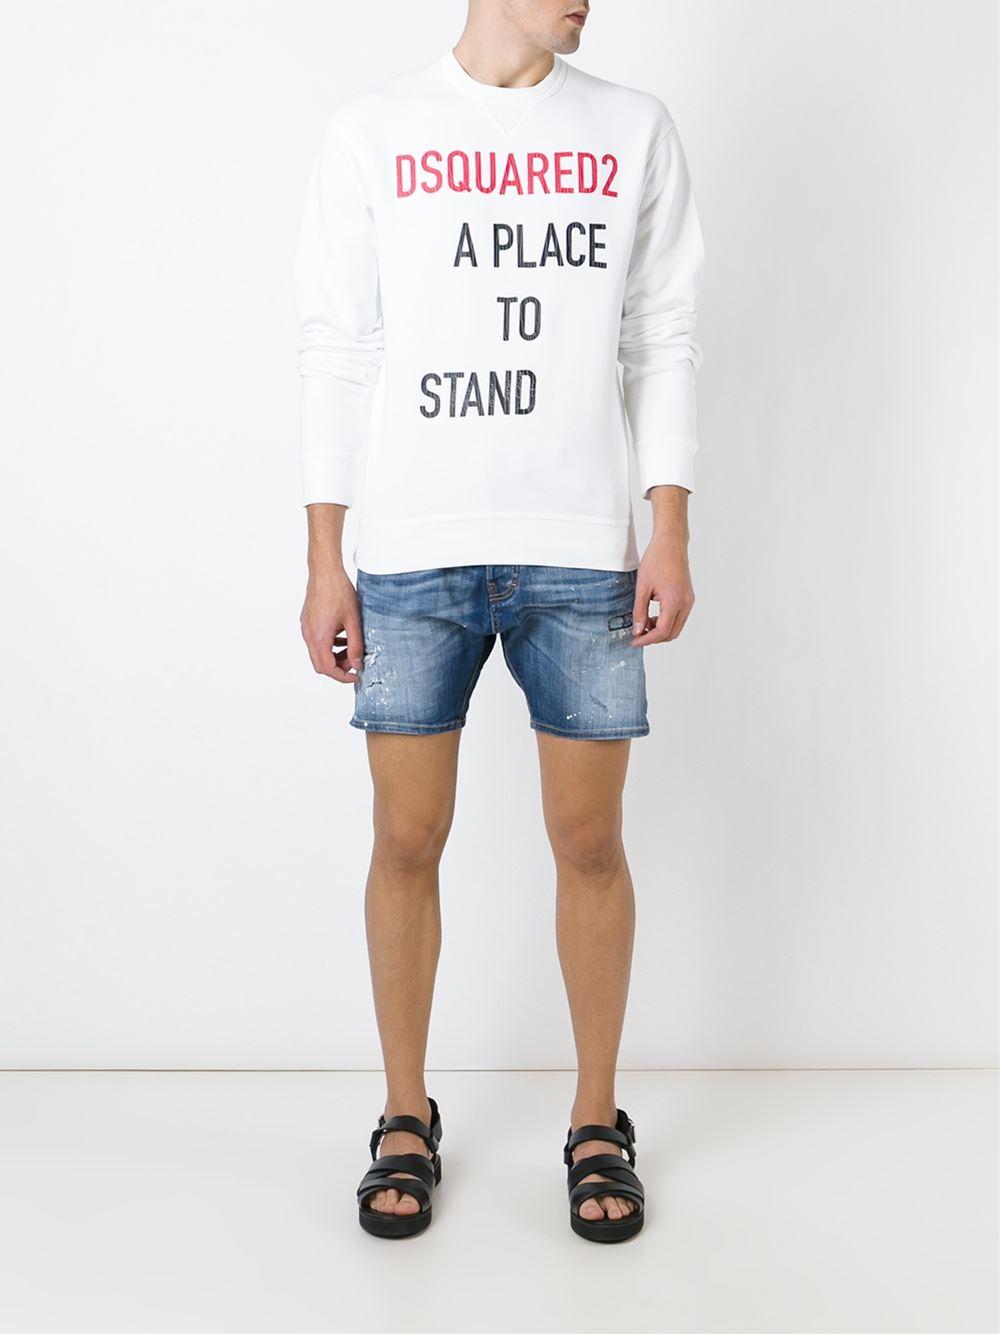 ハイブランド夏ファッションアイテム (3)